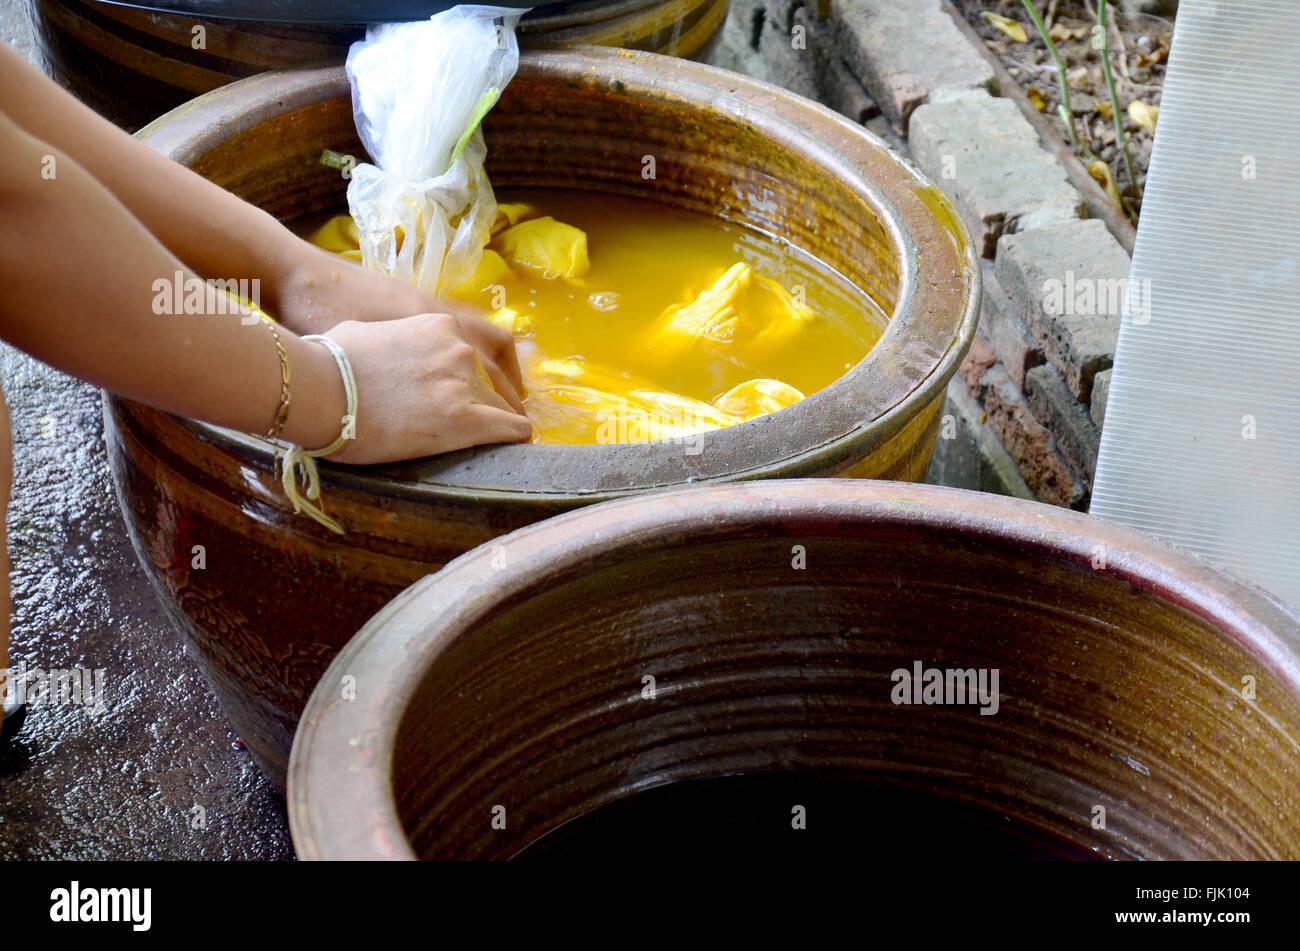 thai frauen binden batik f rben gelb naturfarbe hergestellt aus kurkuma werk in nonthaburi. Black Bedroom Furniture Sets. Home Design Ideas